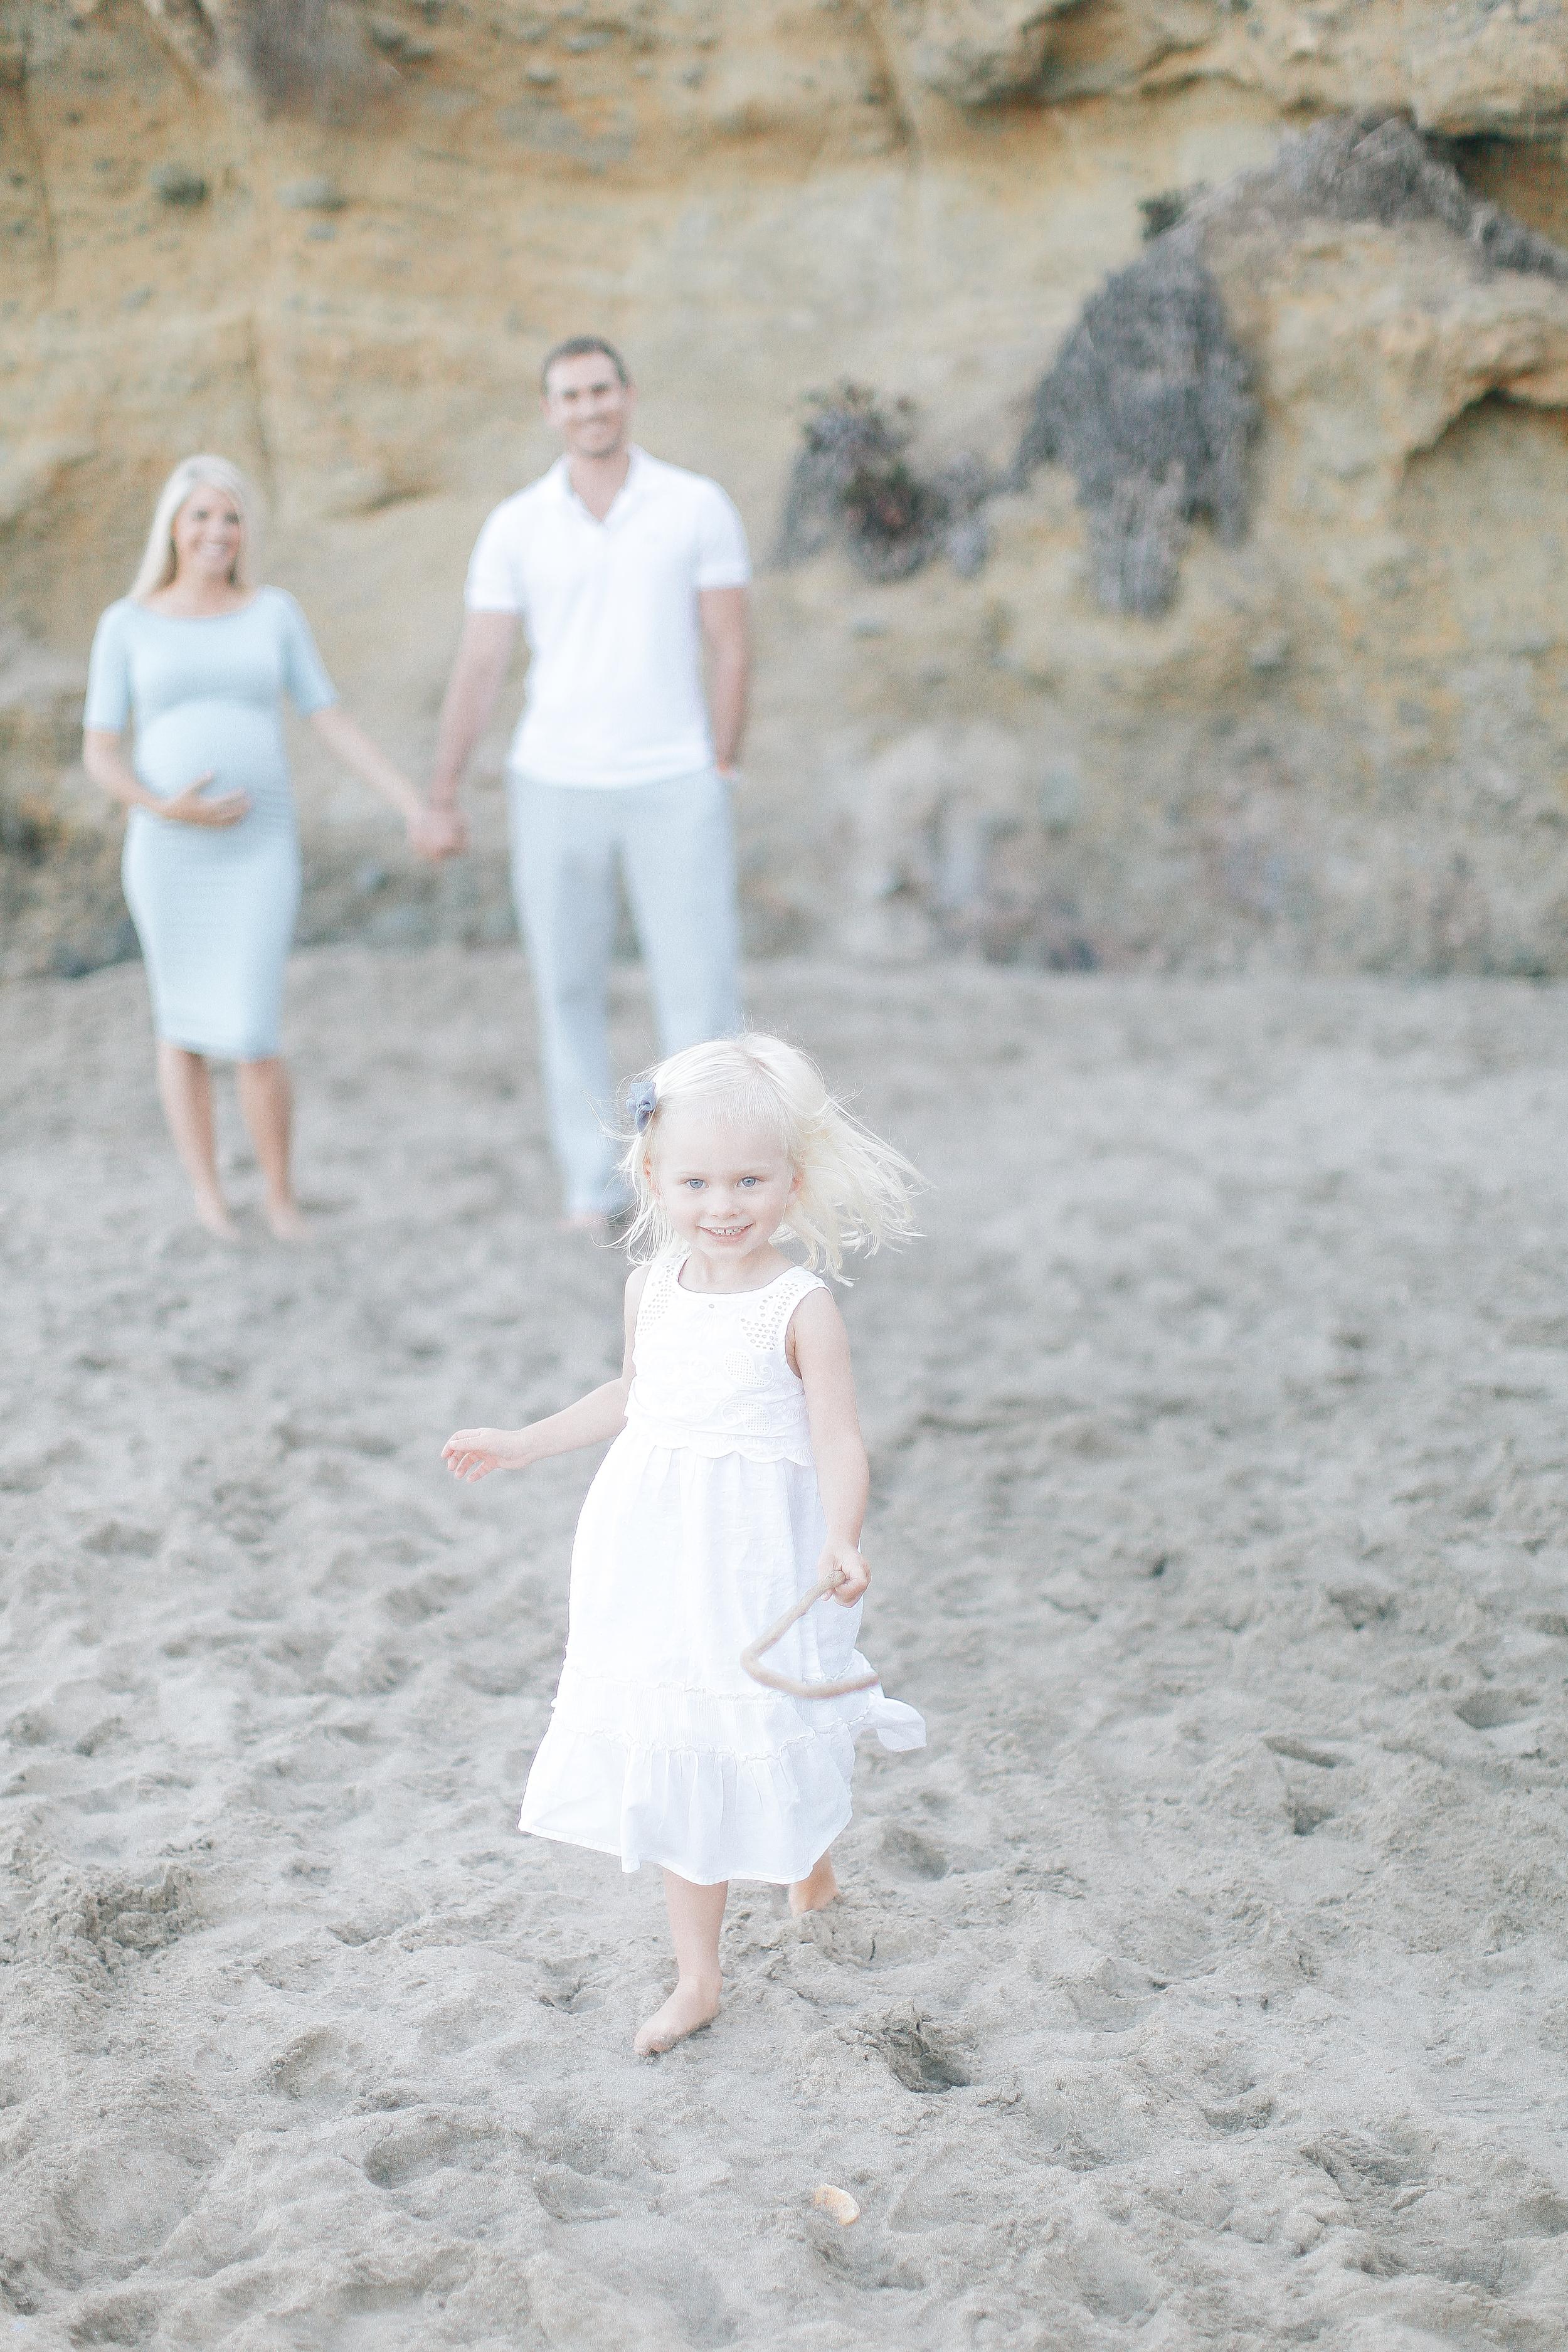 Cori Kleckner Photography-Meister Family Session1-173.JPG